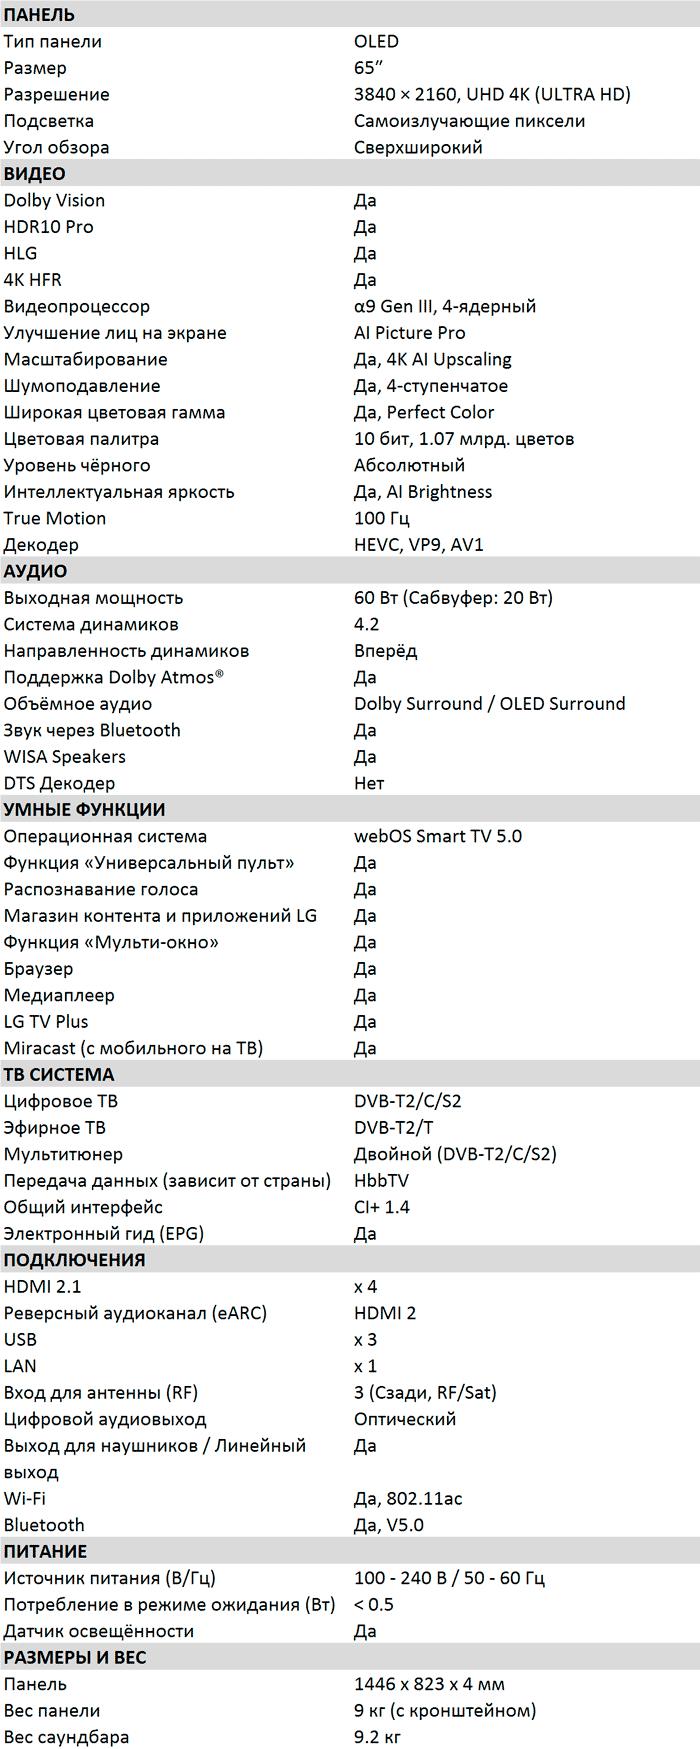 Характеристики OLED WX